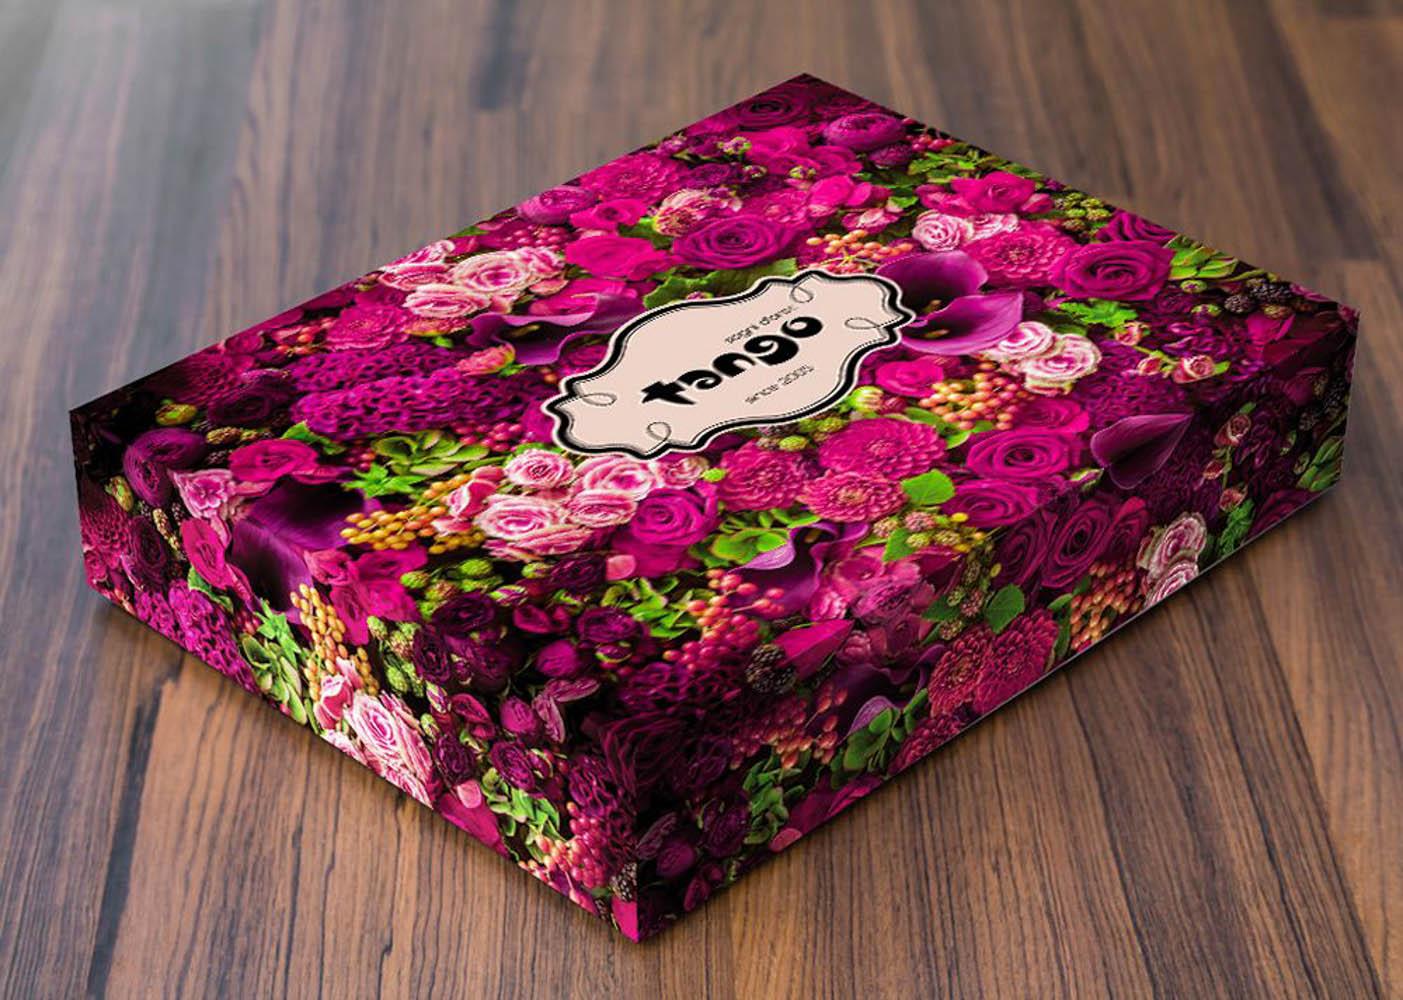 Постельное белье Tango Постельное белье Livvy (2 сп. евро) постельное белье tango постельное белье page 2 сп евро